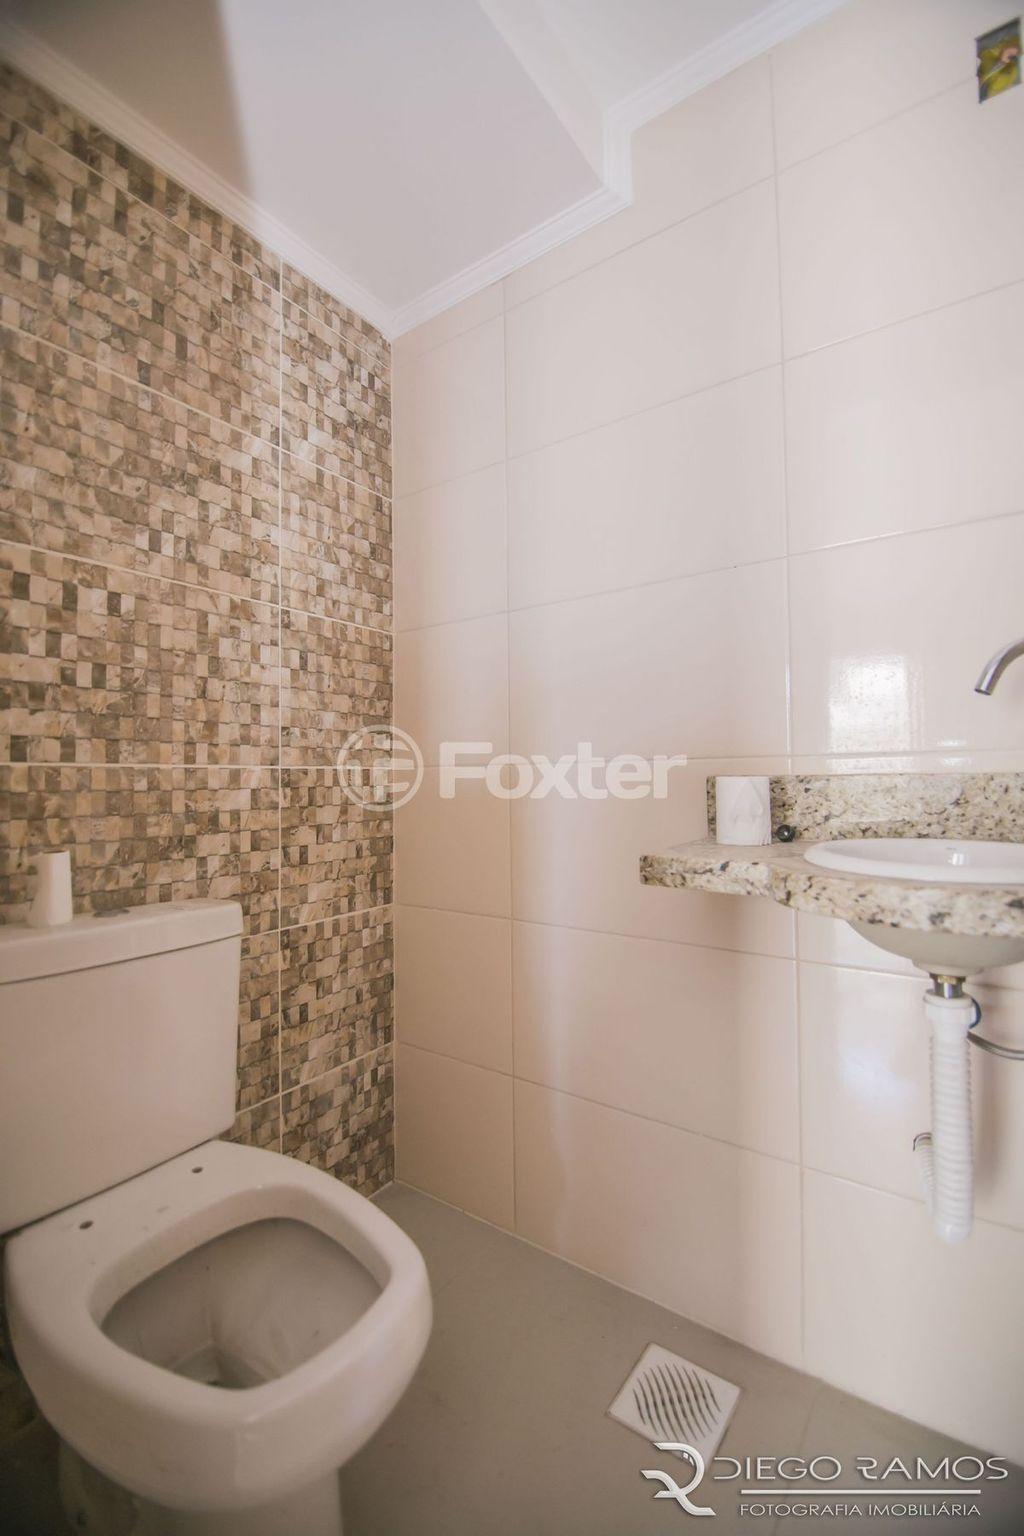 Foxter Imobiliária - Casa 3 Dorm, Camaquã (132855) - Foto 7